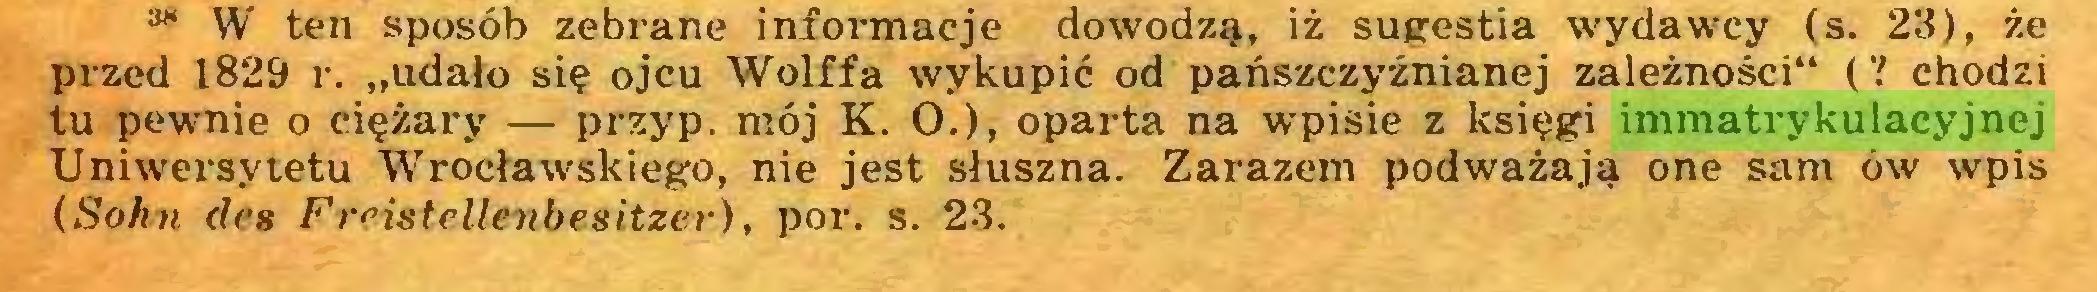 """(...) ** W ten sposób zebrane informacje dowodzą, iż sugestia wydawcy (s. 23), że przed 1829 r. """"udało się ojcu Wolffa wykupić od pańszczyźnianej zależności"""" (V chodzi tu pewnie o ciężary — przyp. mój K. O.), oparta na wpisie z księgi immatrykulacyjnej Uniwersytetu Wrocławskiego, nie jest słuszna. Zarazem podważają one sam ów wpis (Sohn des Freistellenbesitzer), por. s. 23..."""